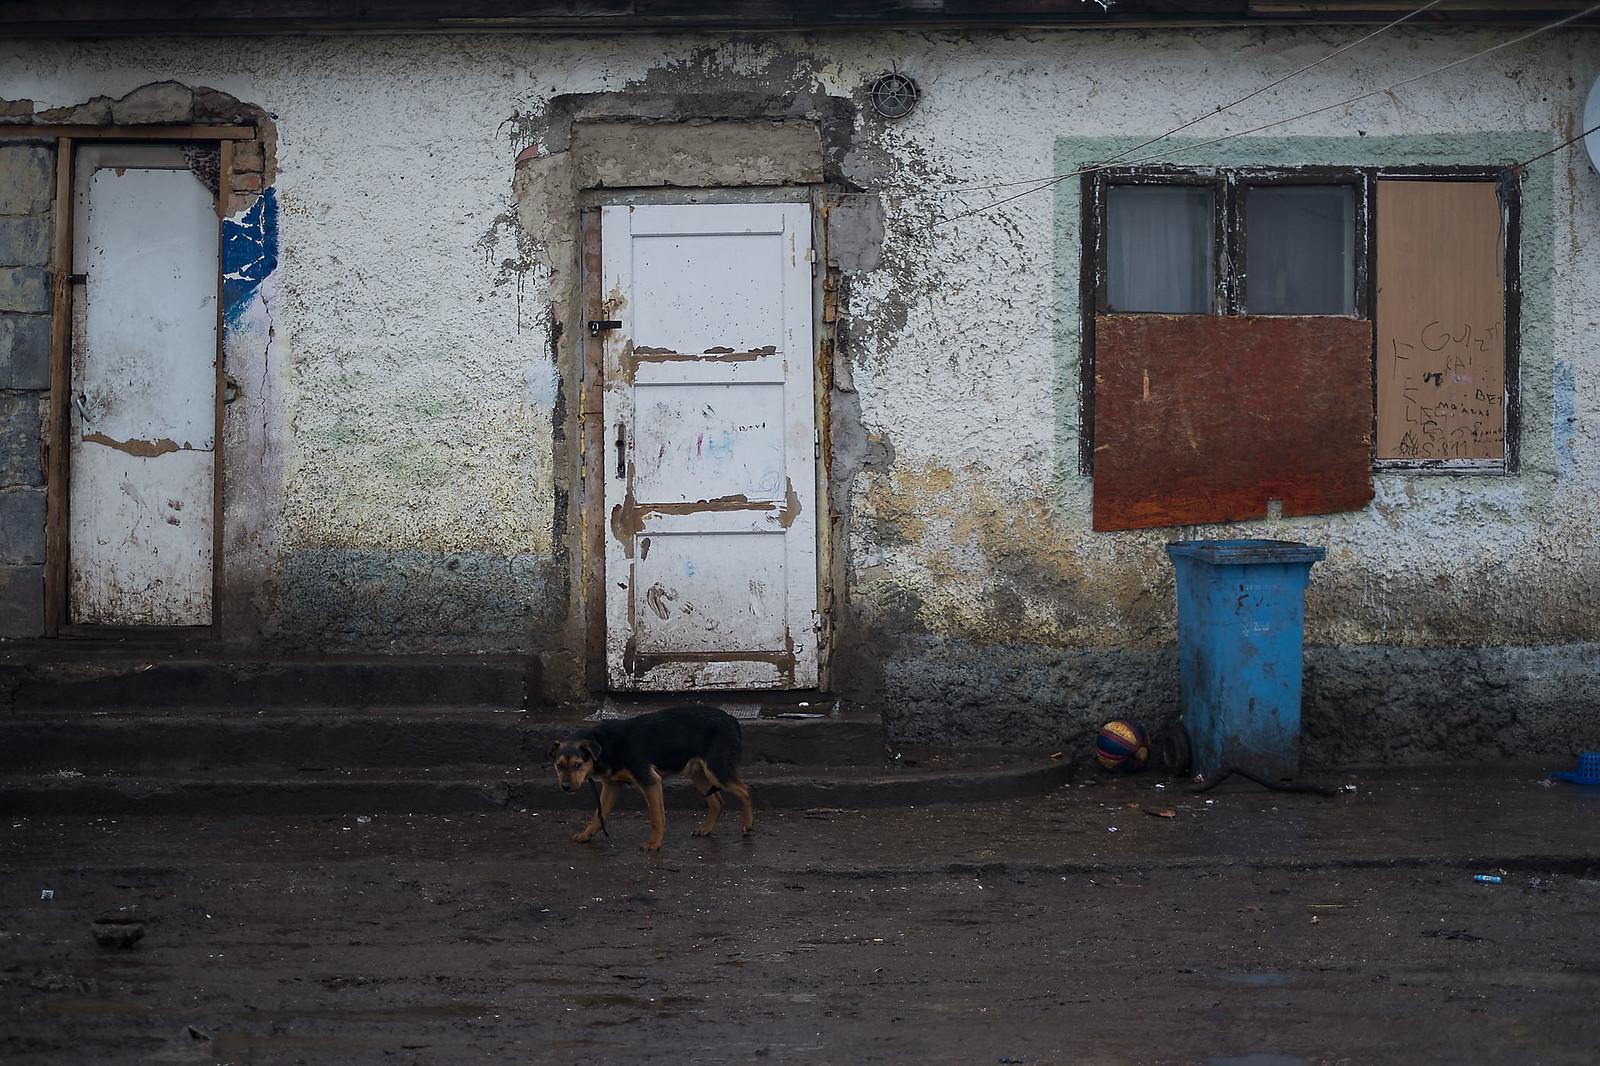 Romos, de az udvart próbálják tisztán tartani ennél a háznál Sajókazán | Fotó: Magócsi Márton